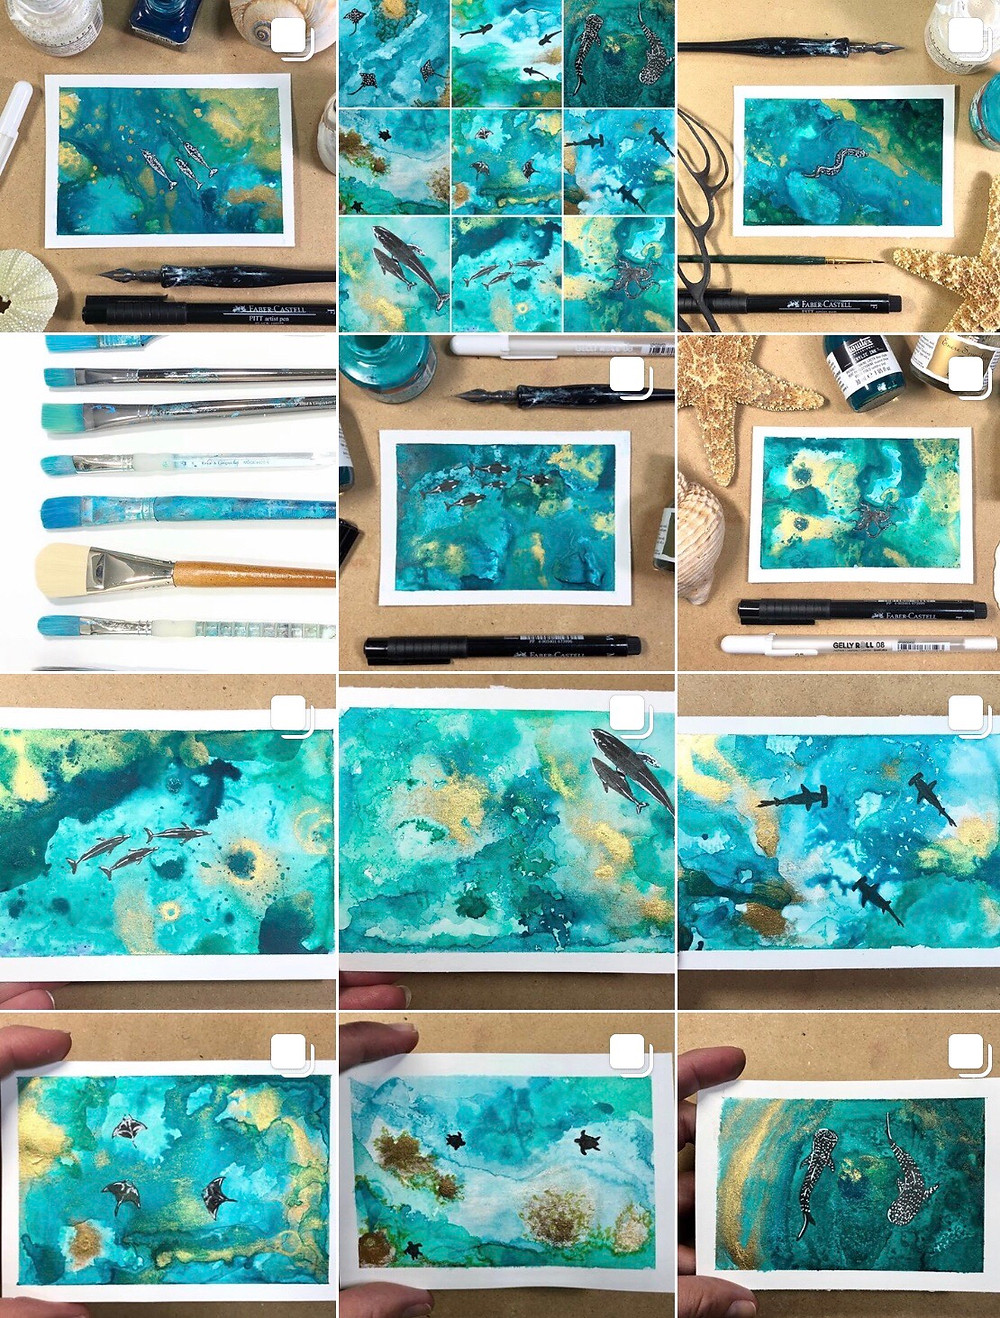 a grid view of Kimberley Eddy's Instagram feed of ocean art